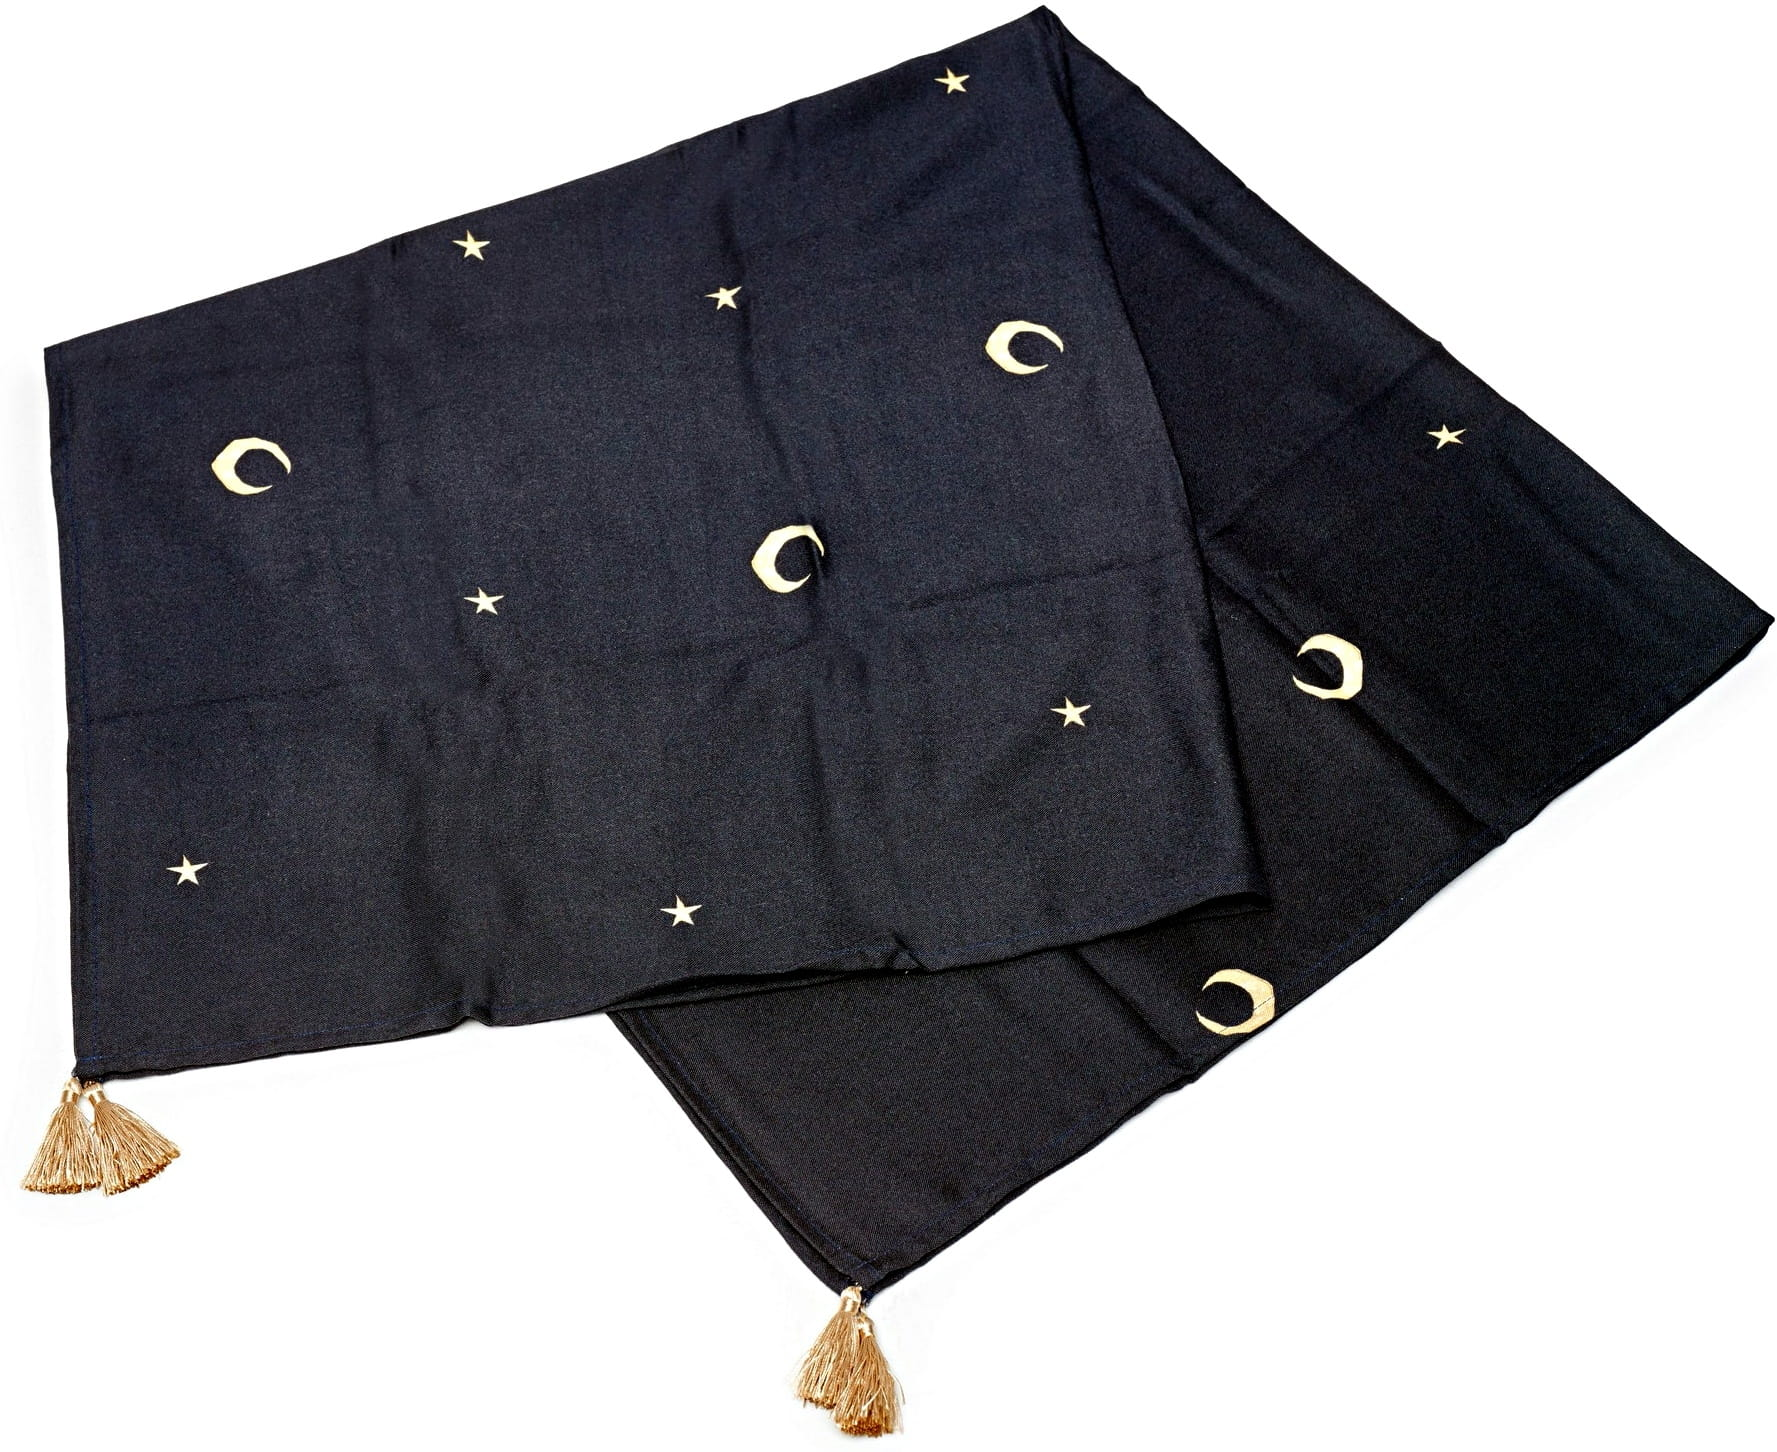 Czarny otulacz bambusowy dla niemowlaka Nighty